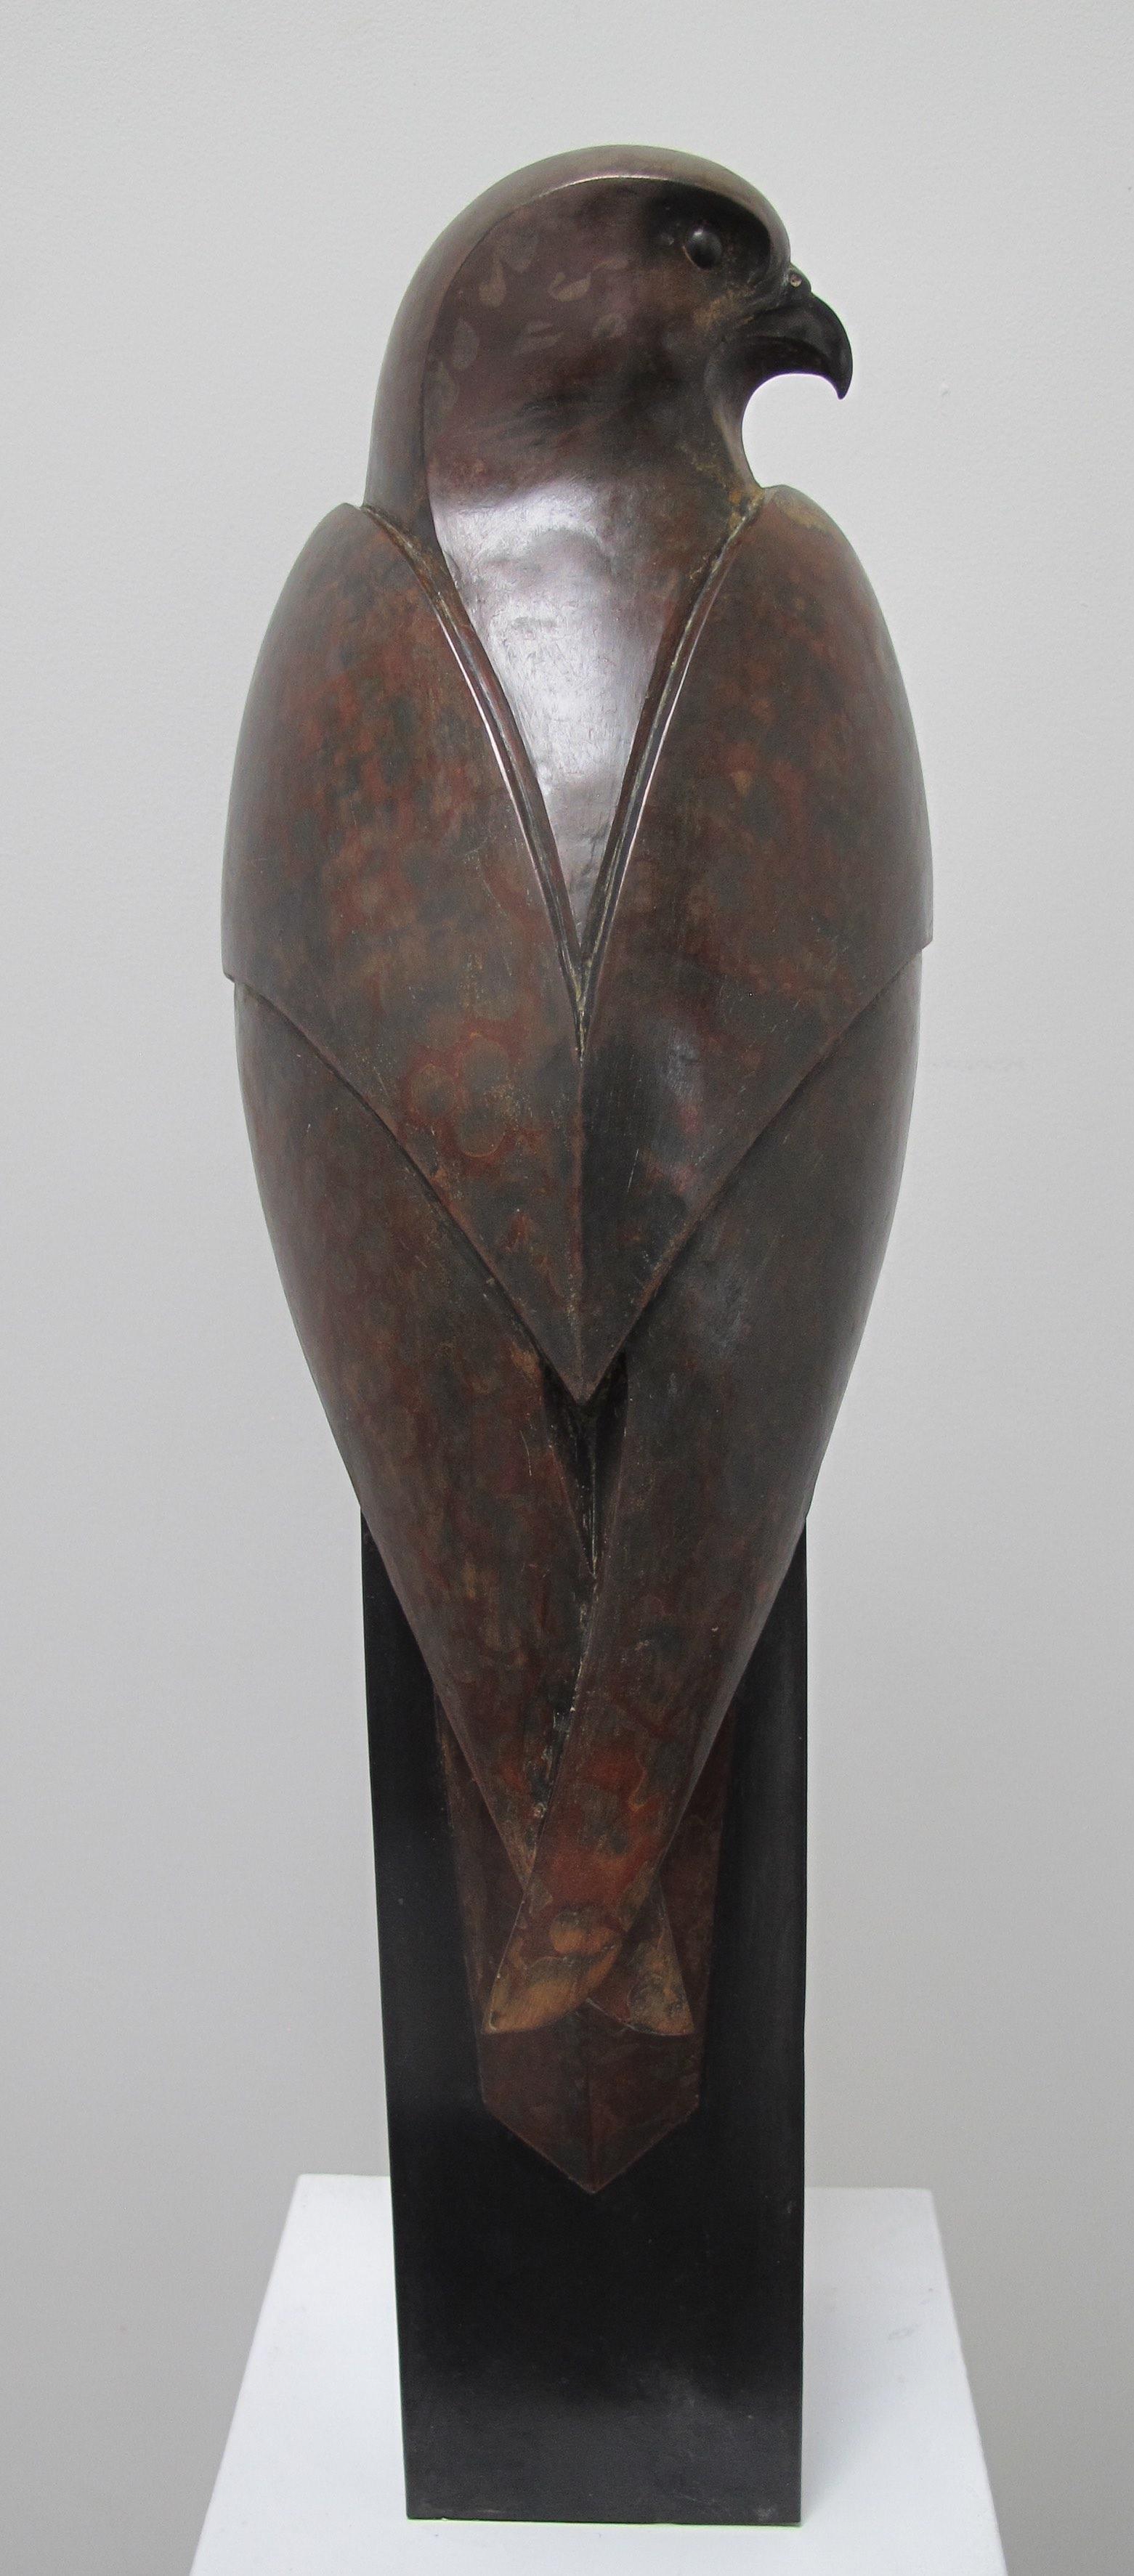 Kestrel. £425. H 45cm